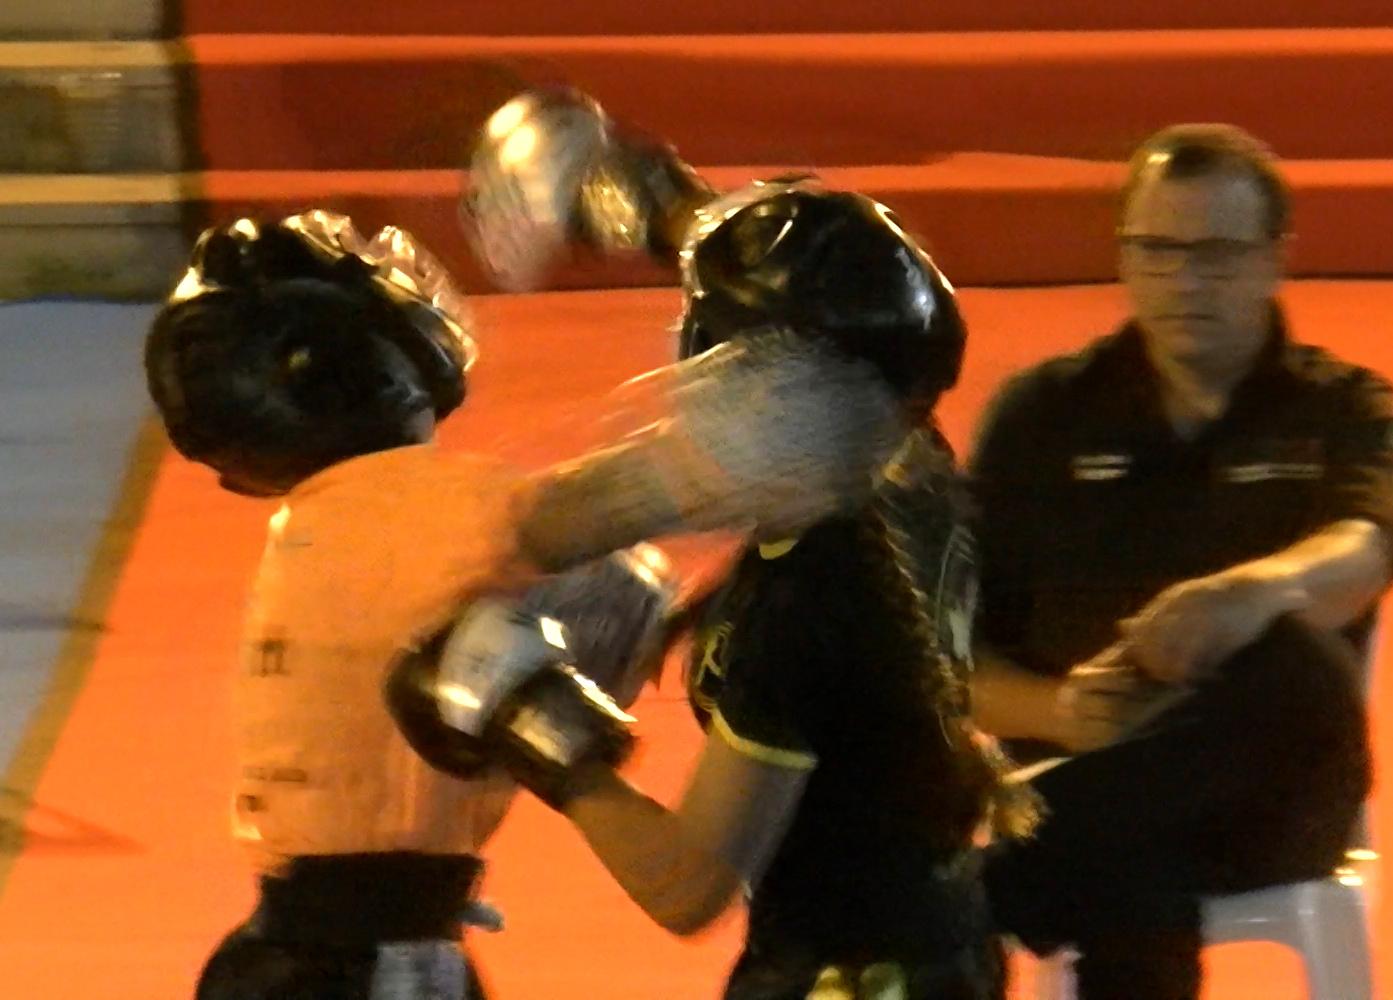 Este ano não há Gala de Kickboxing em Macedo de Cavaleiros